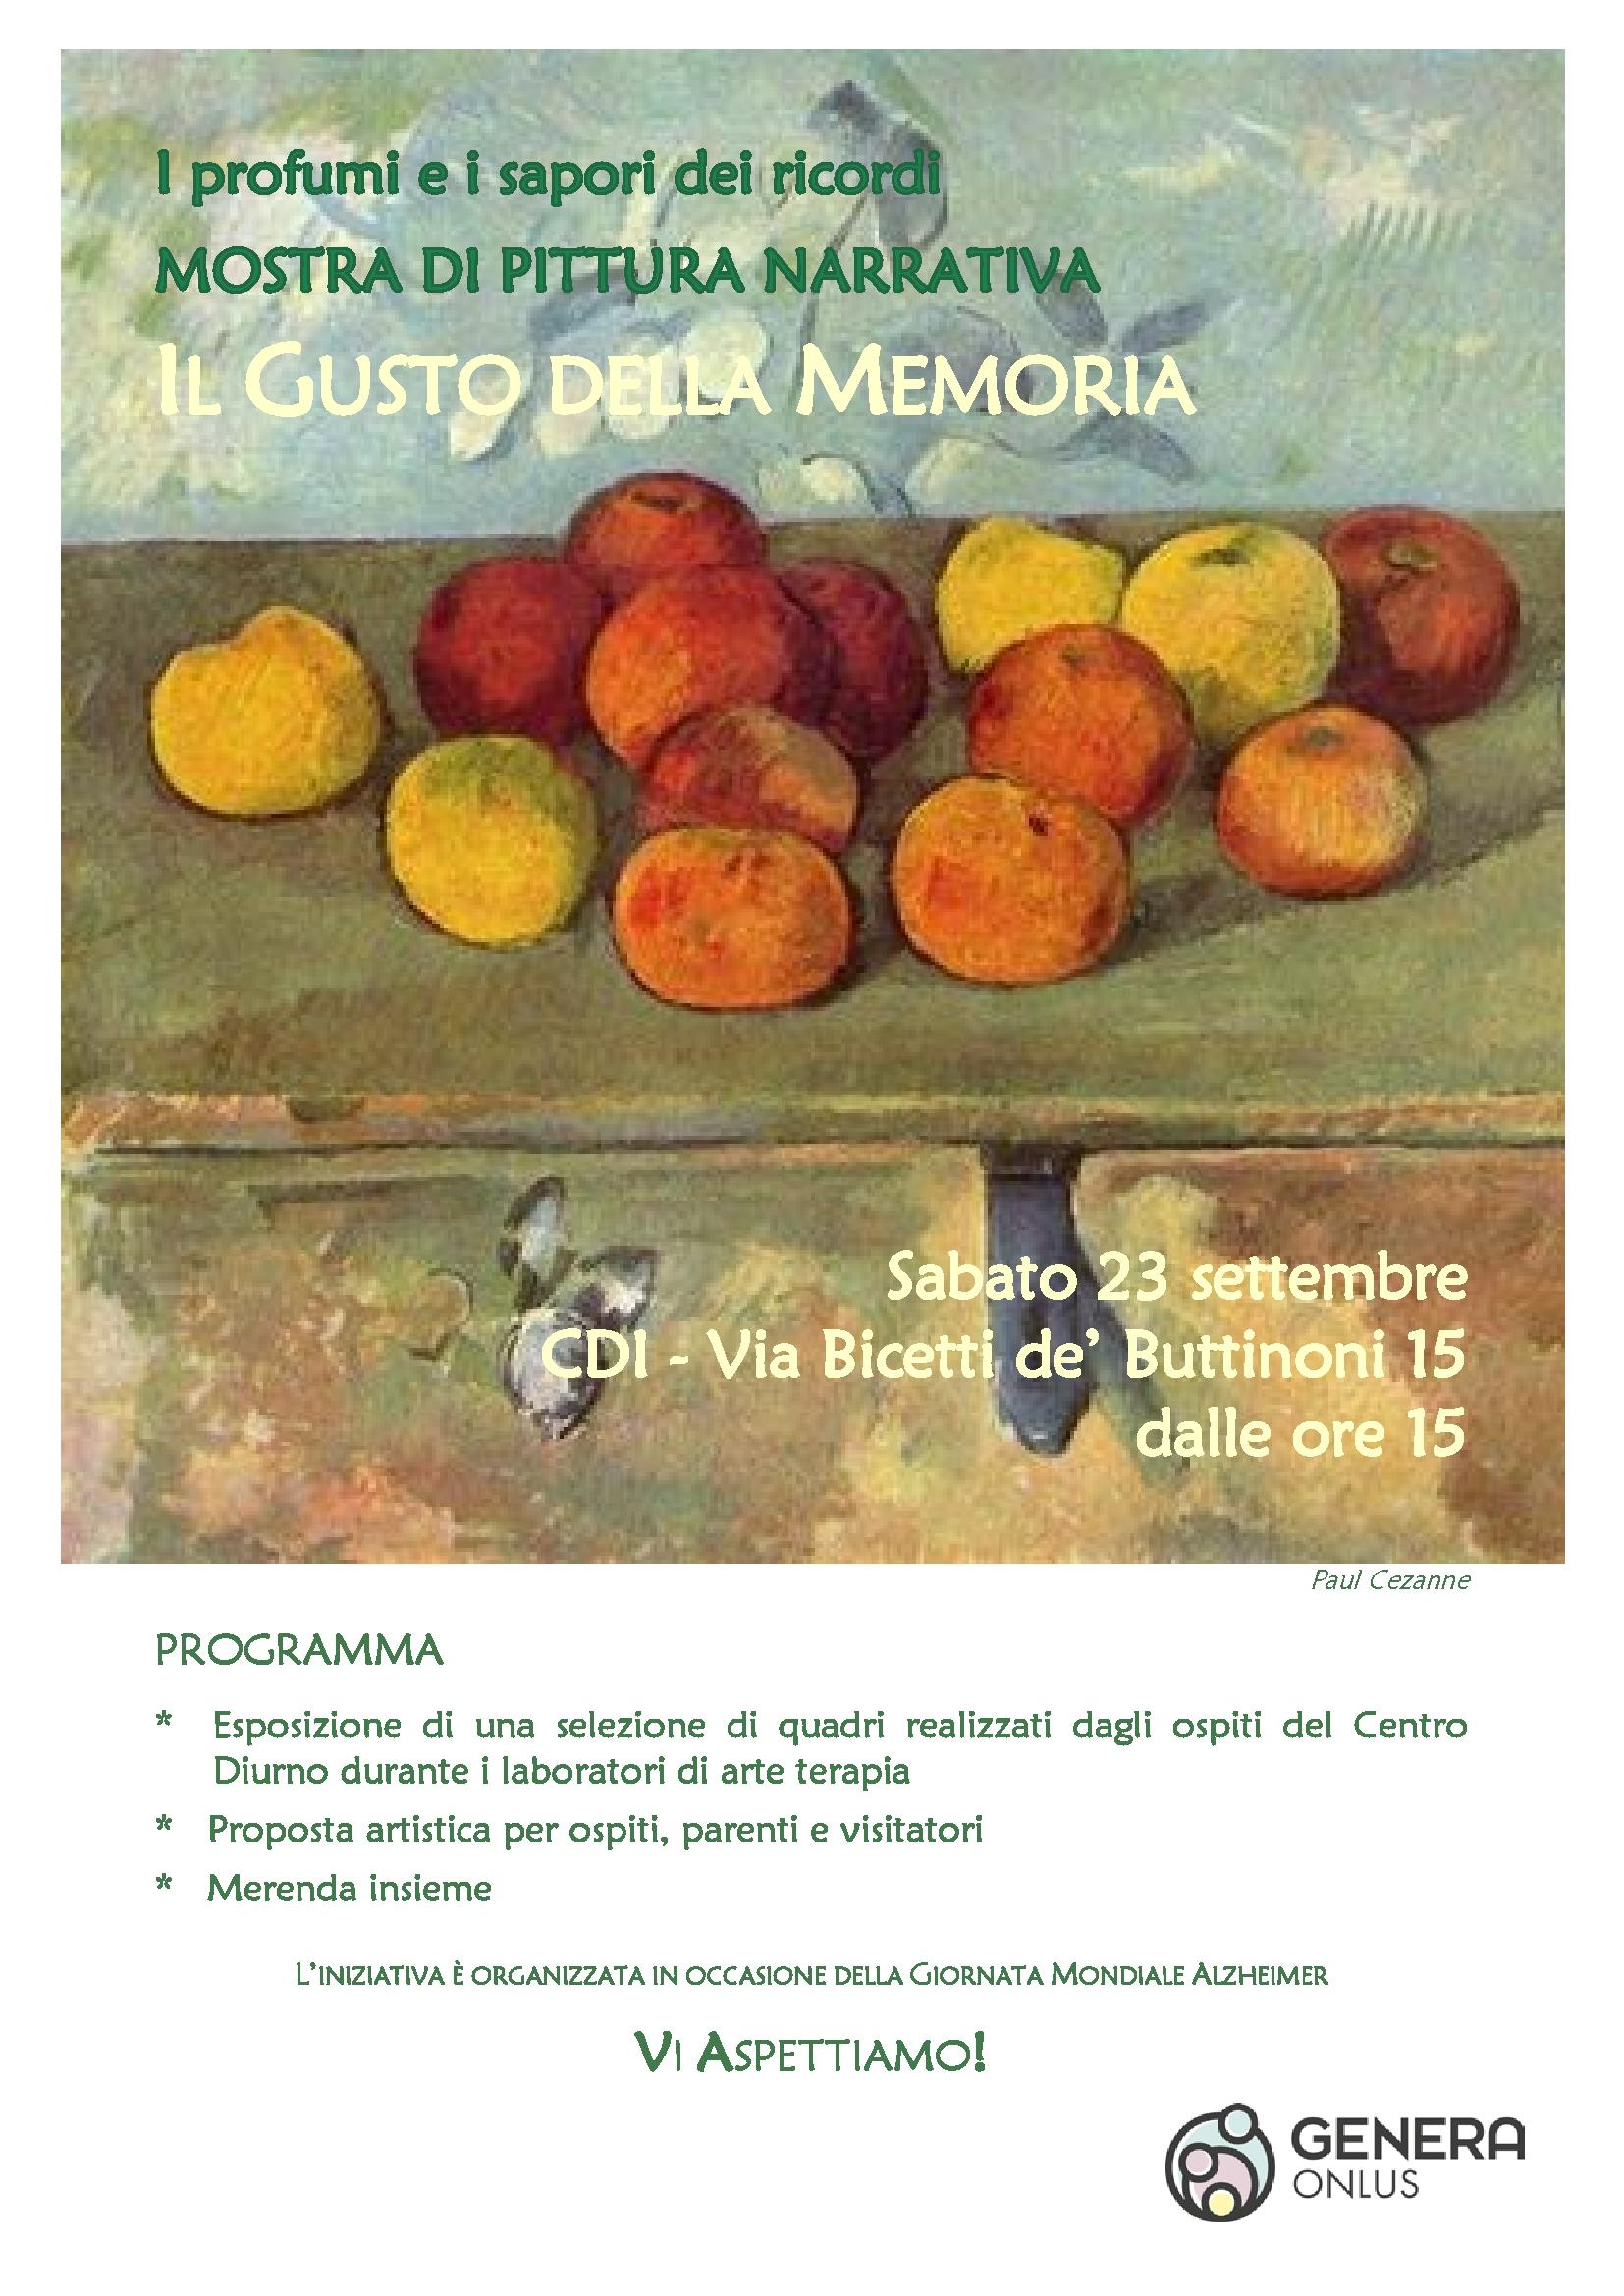 locandina gusto memoria 23 sett